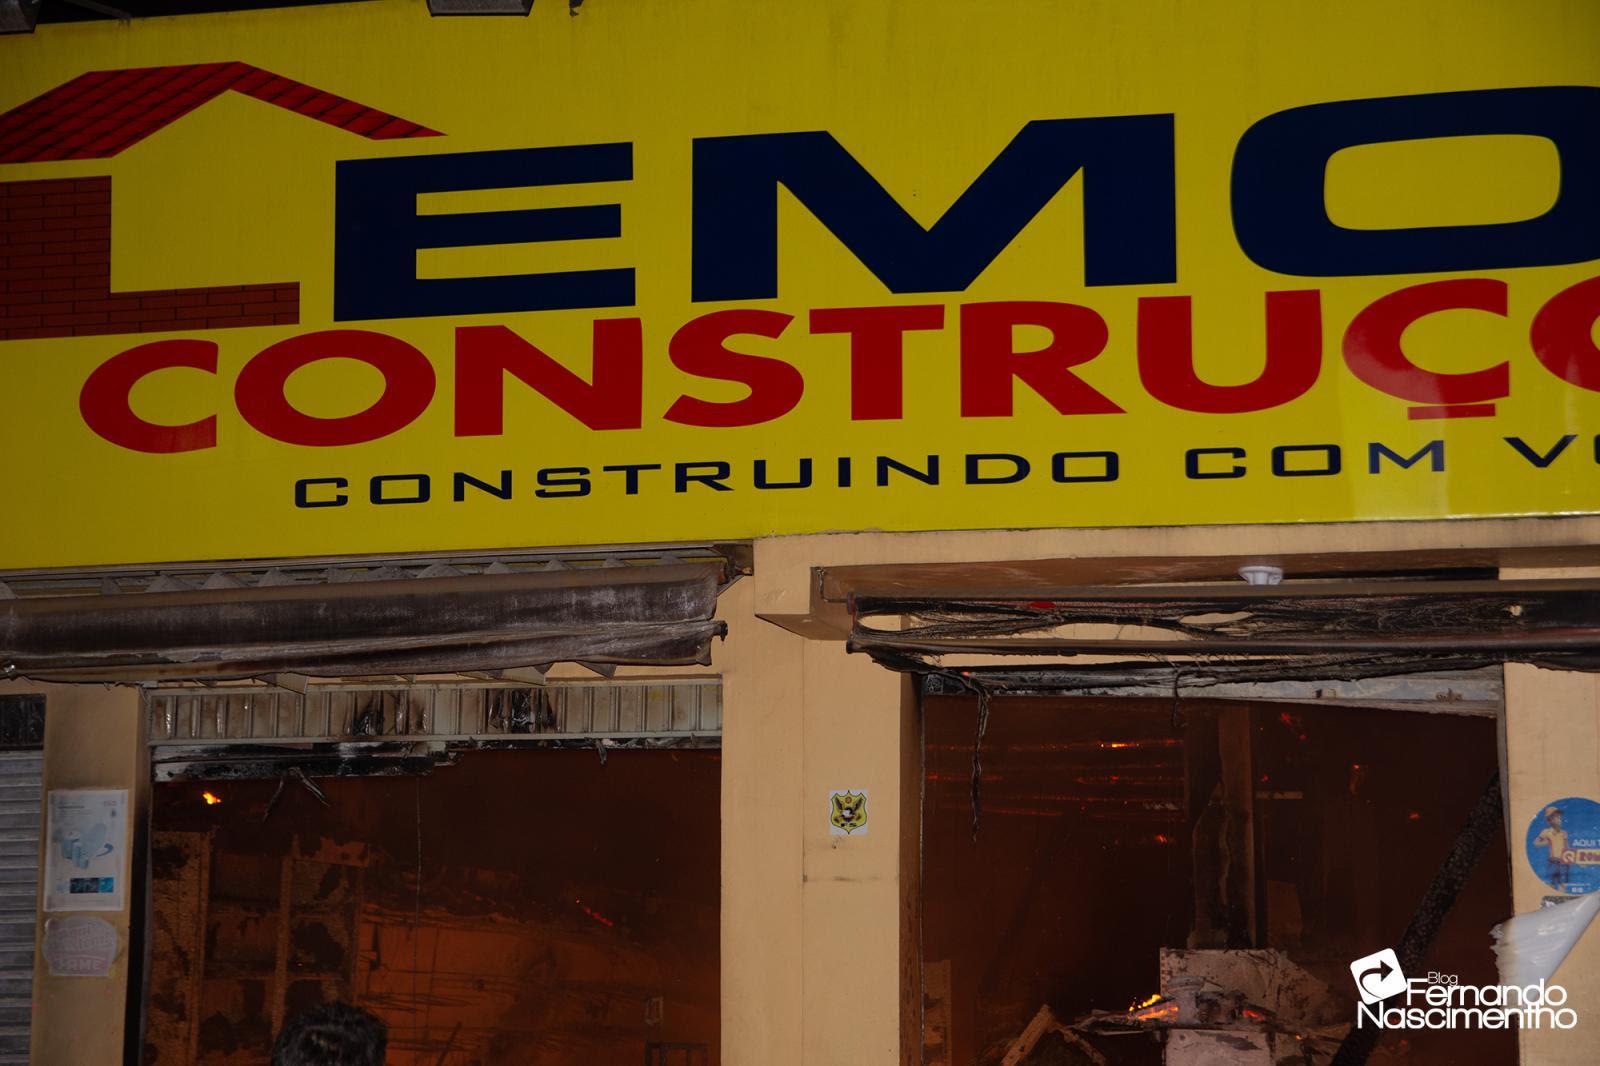 Fogo consome Lemos Construções